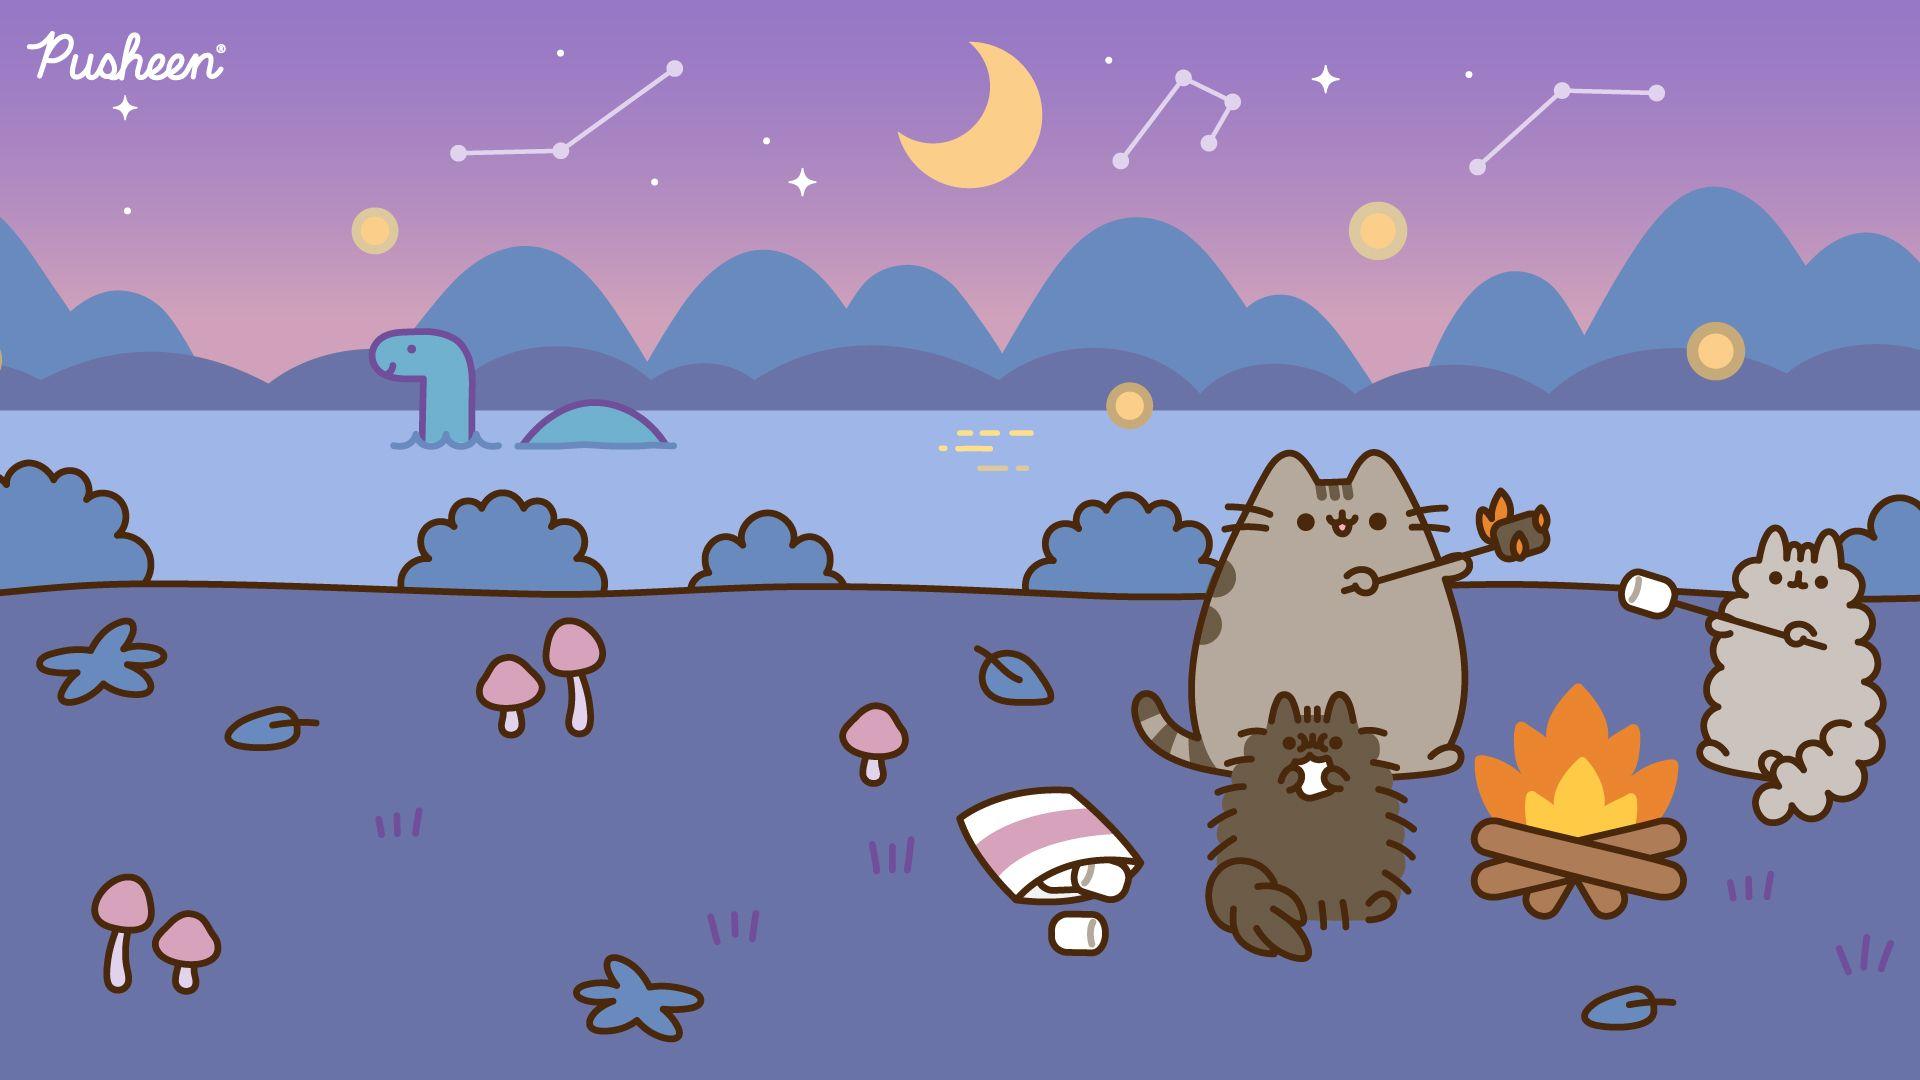 Pusheen Zoom Backgrounds Pusheen Pusheen Cute Cute Cartoon Wallpapers Kawaii Wallpaper